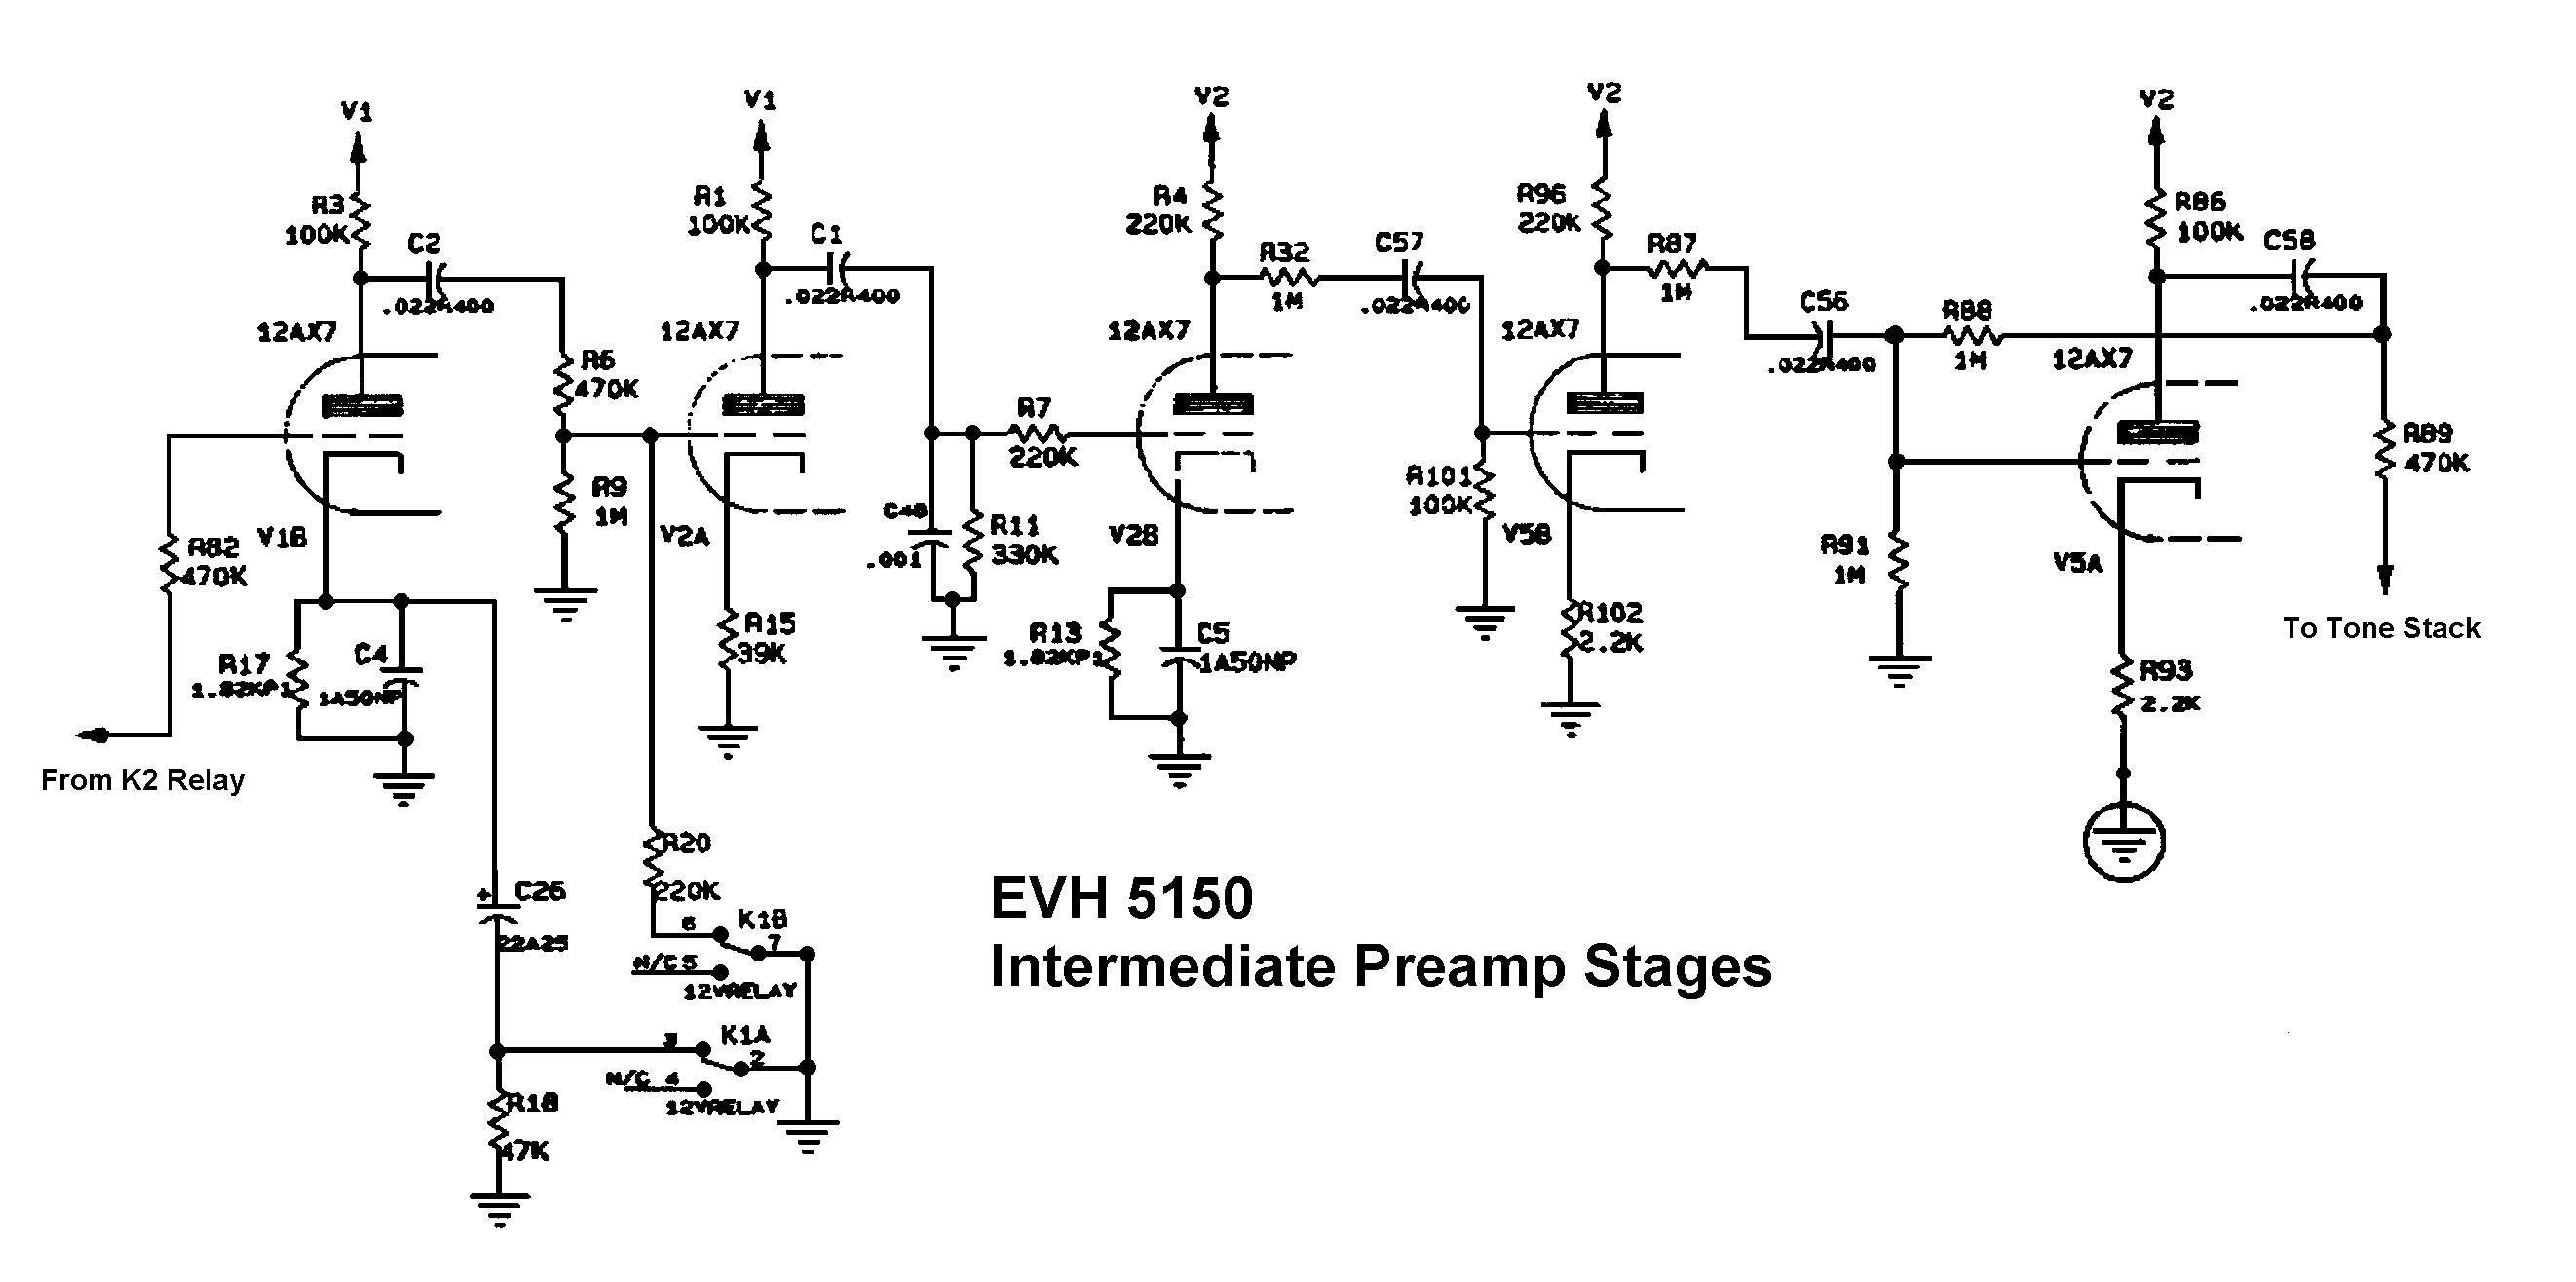 EVH 5150 Tone StackI